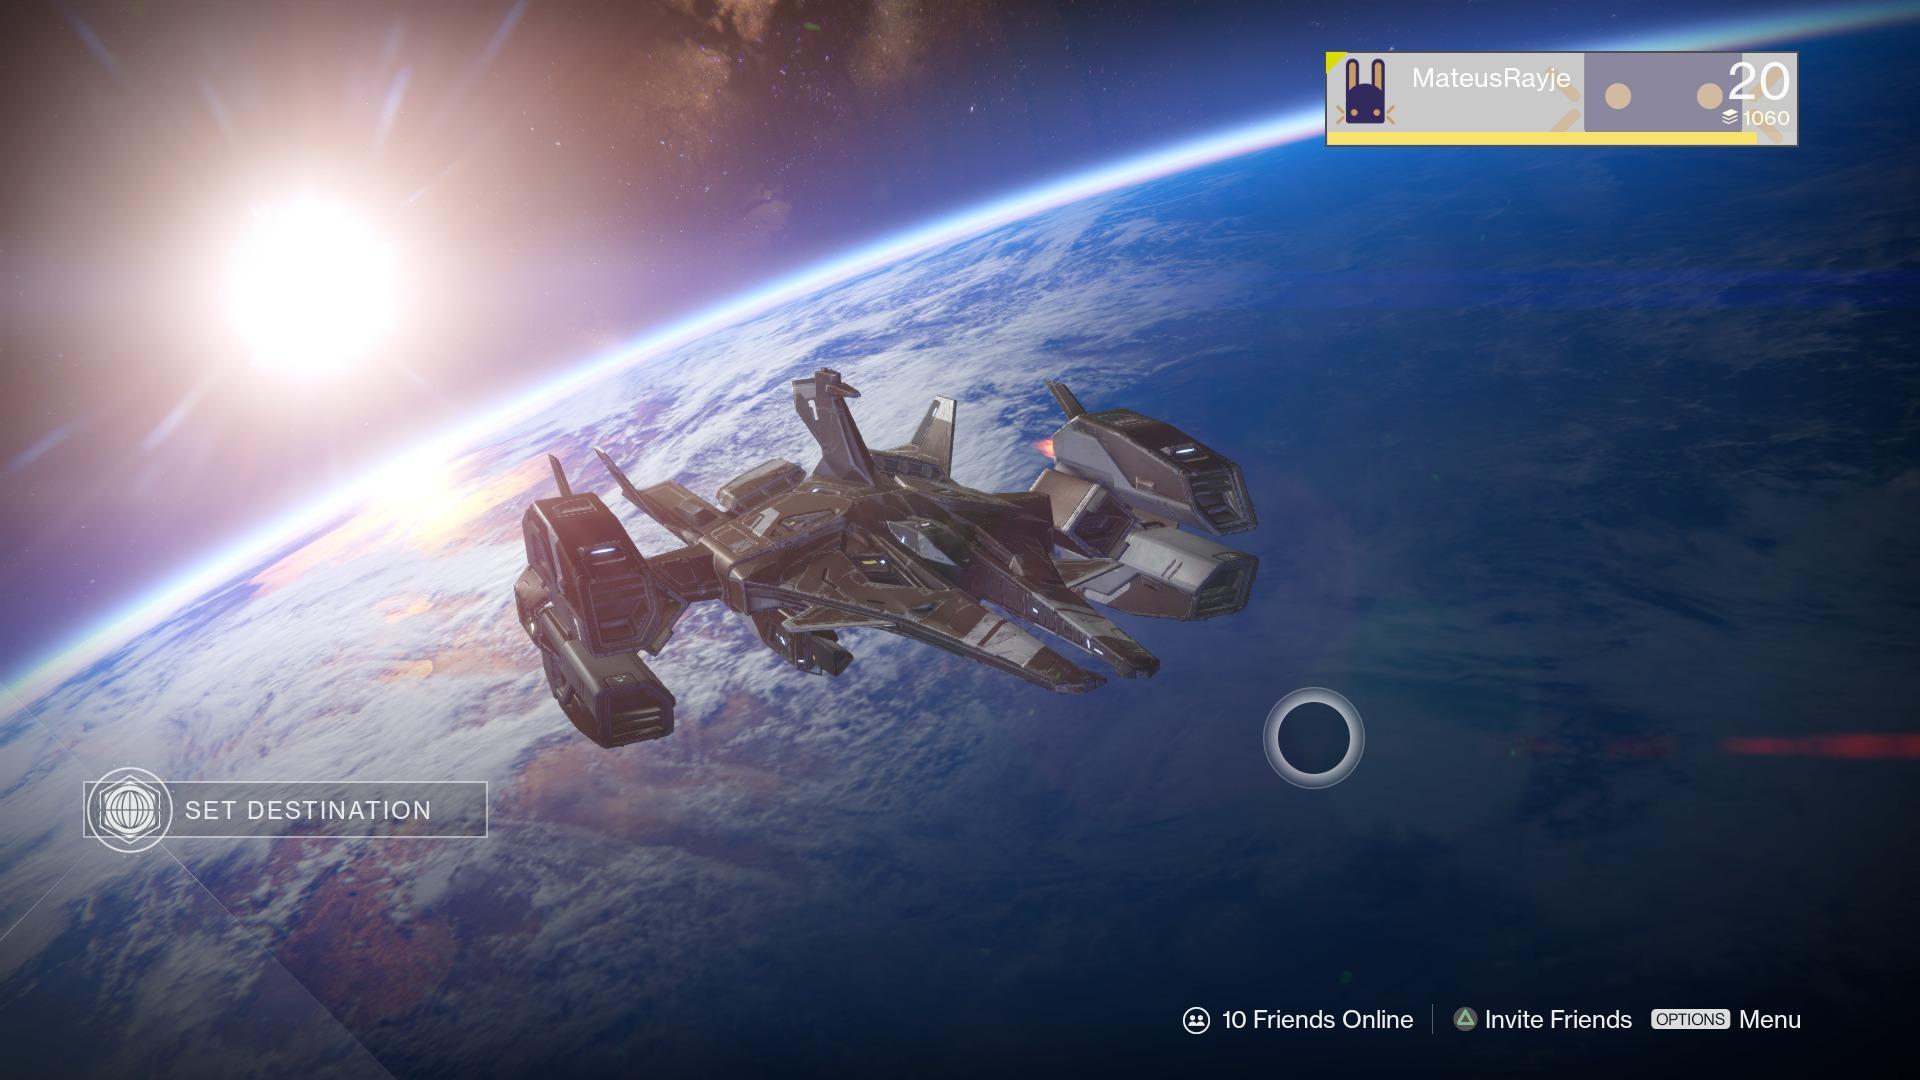 Destiny Orbit